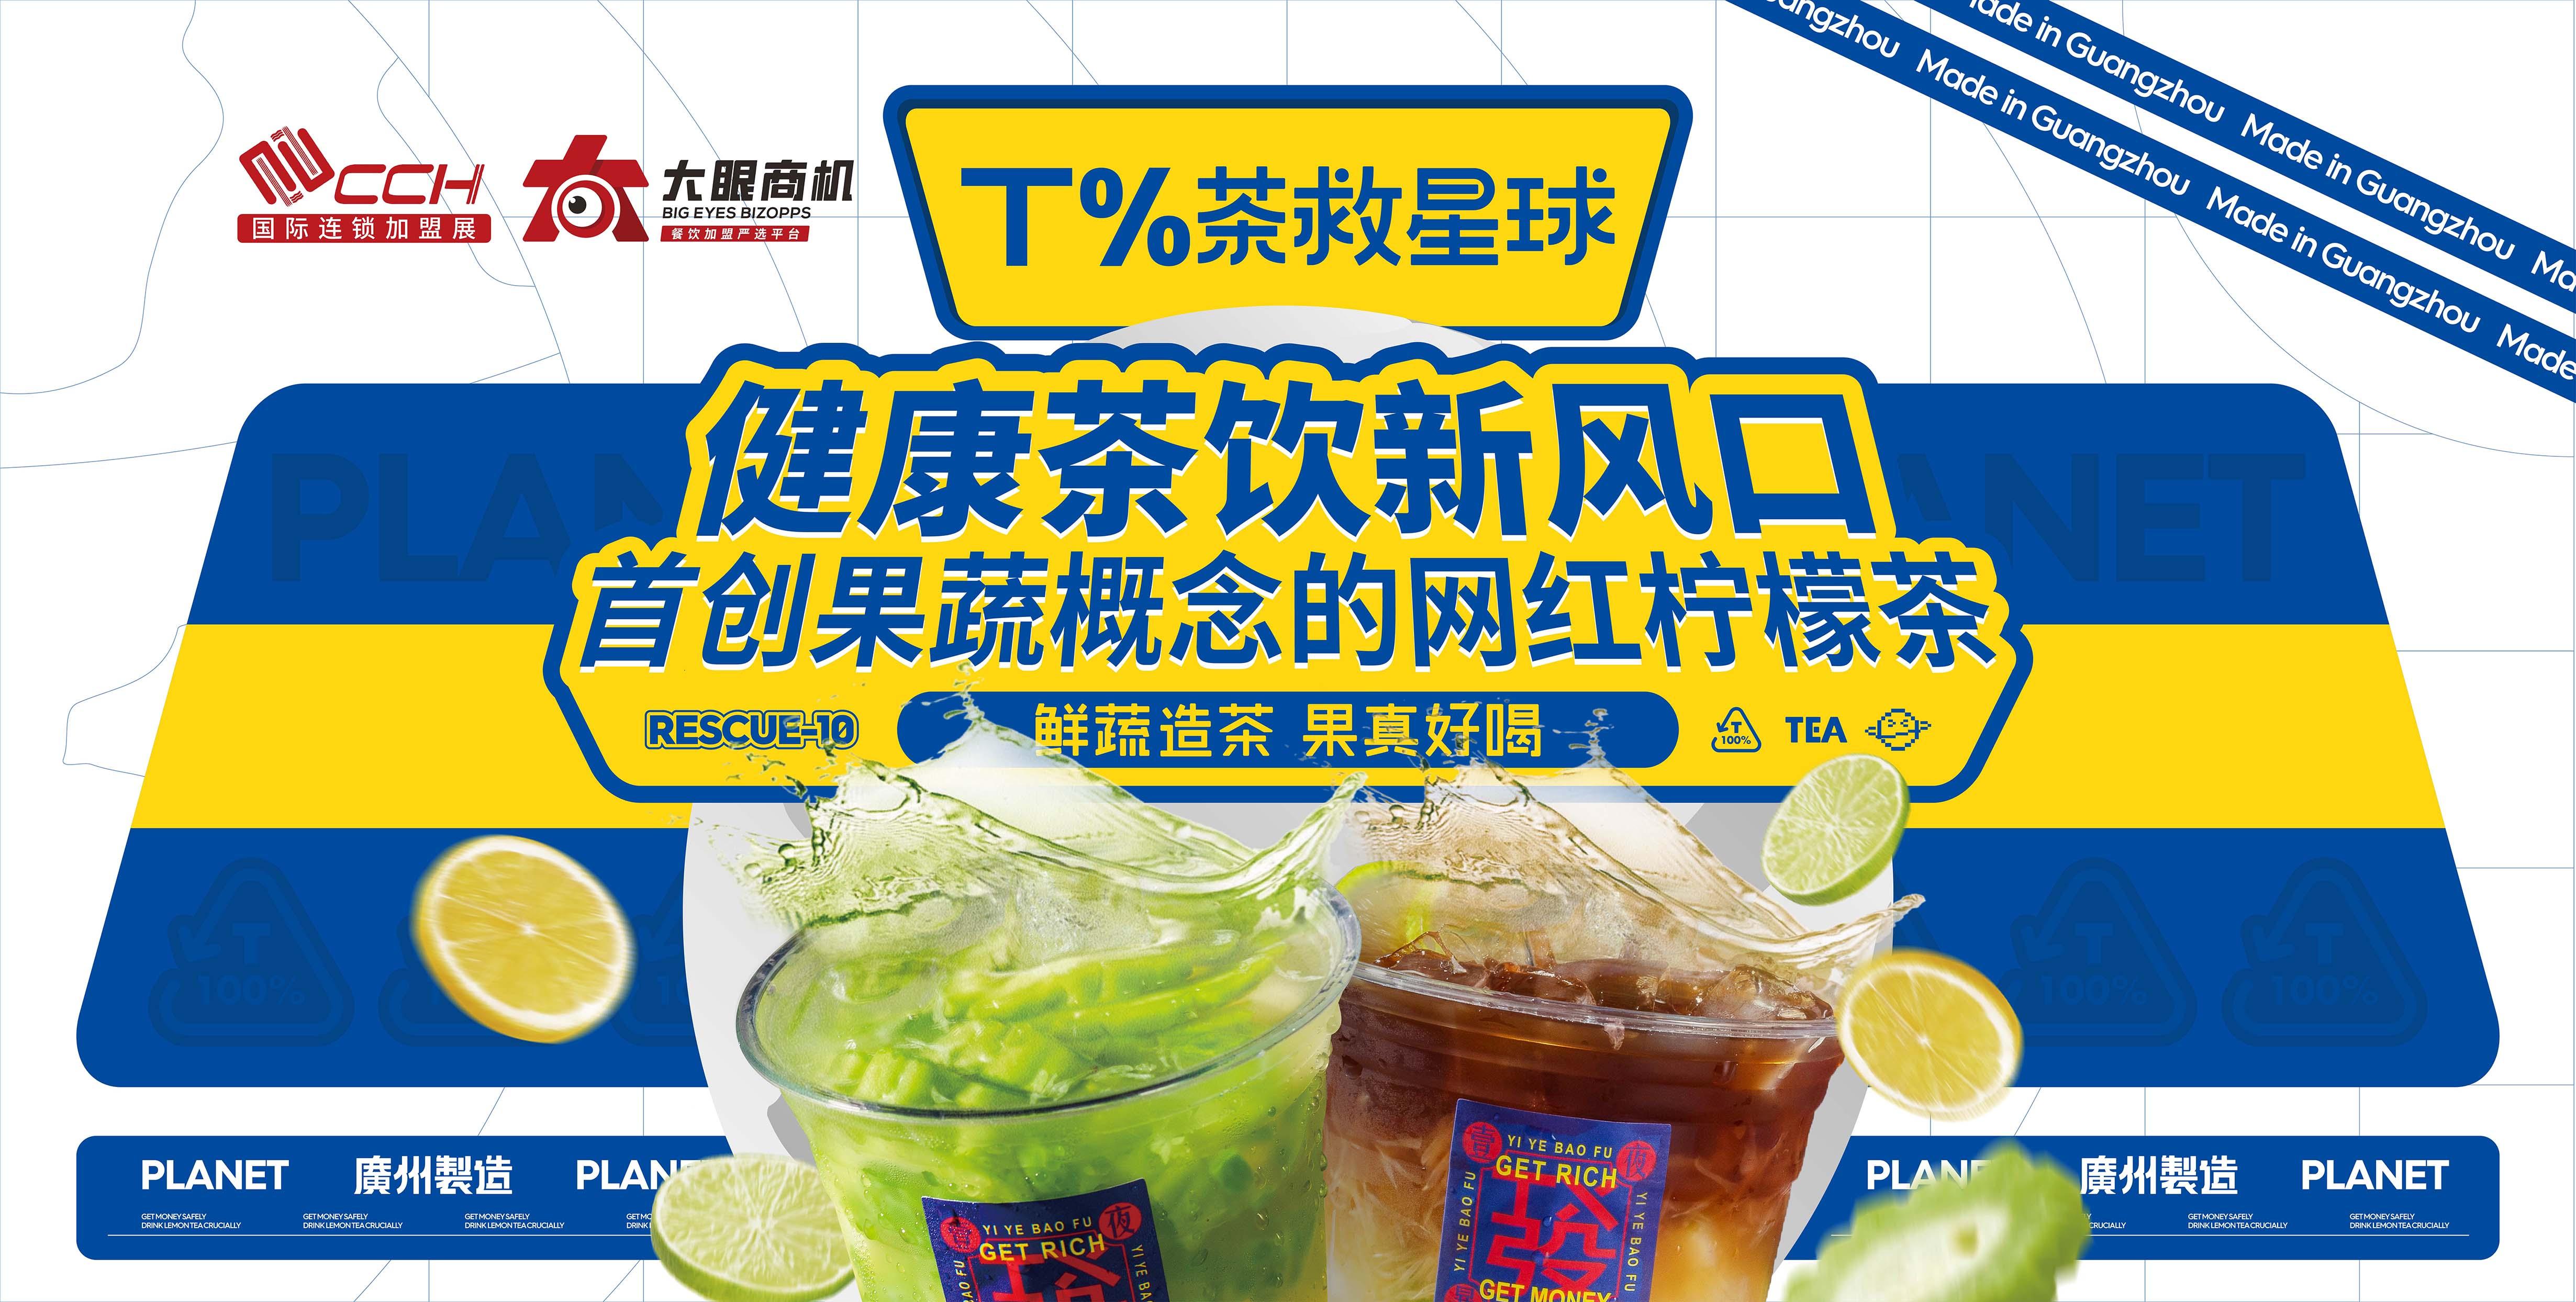 大众点评top1、2021年茶饮界黑马MVP!T%茶救星球火爆来袭【大眼商机云招商】